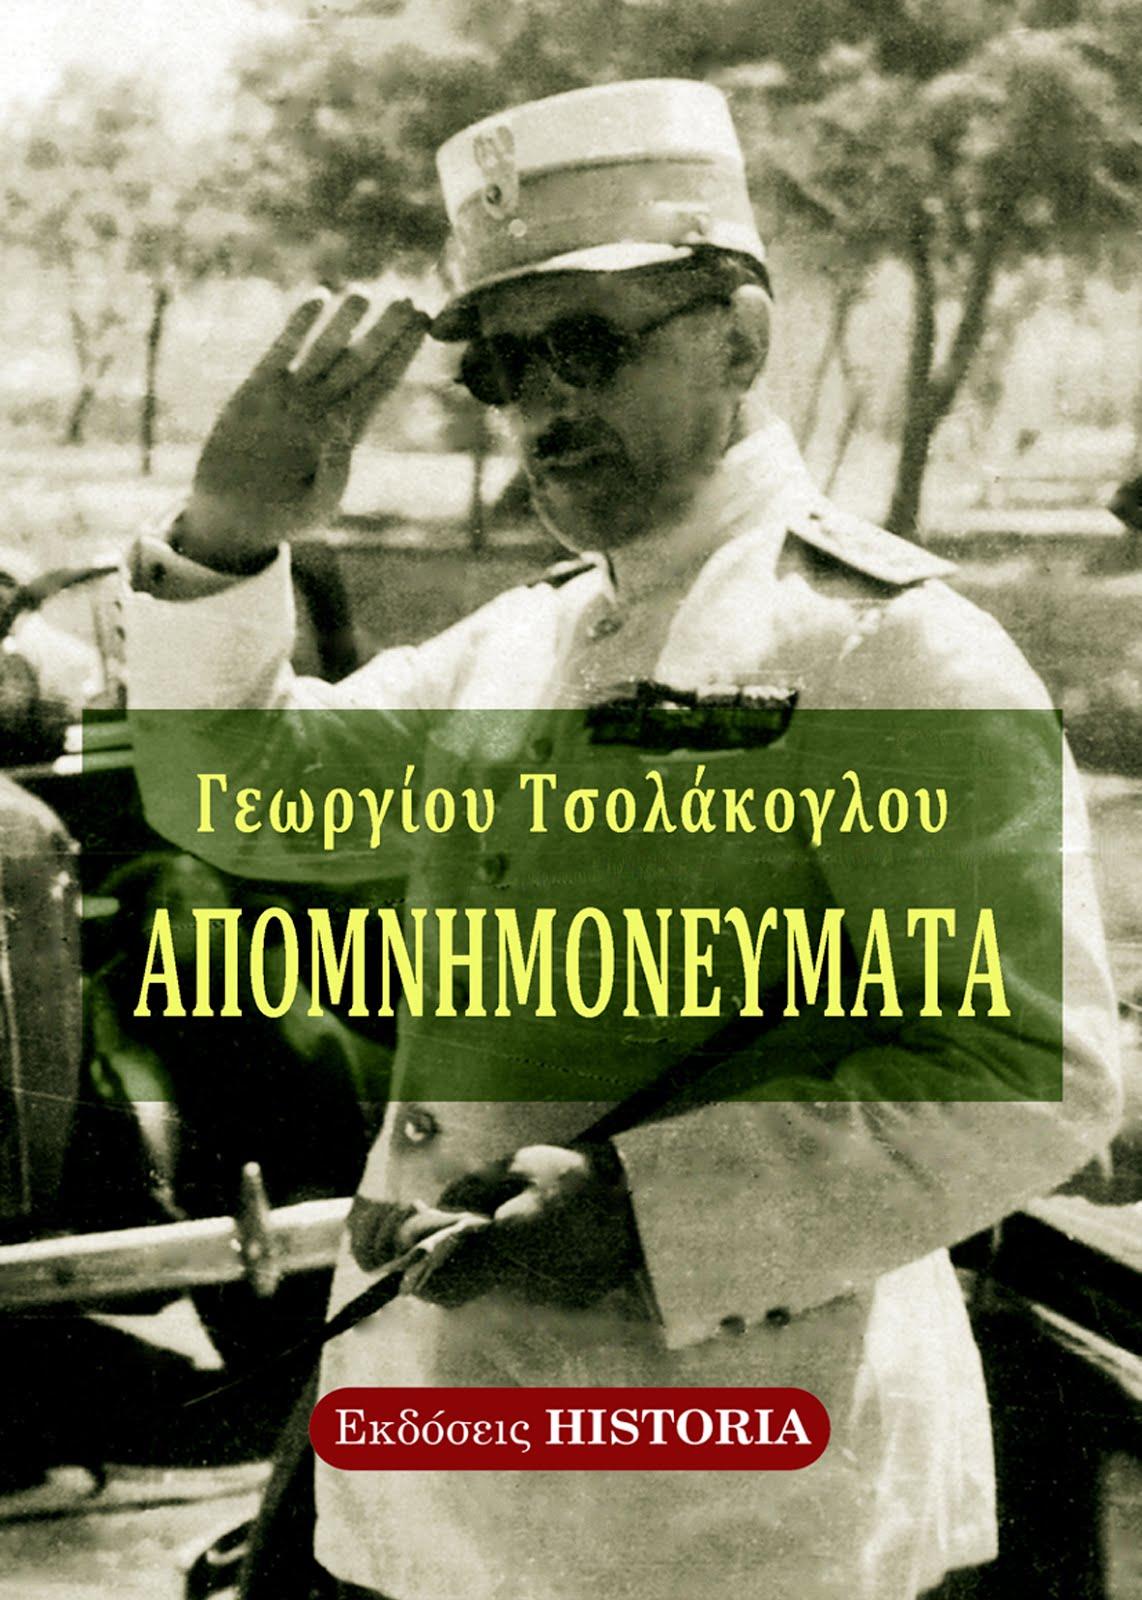 ΑΠΟΜΝΗΜΟΝΕΥΜΑΤΑ ΤΣΟΛΑΚΟΓΛΟΥ